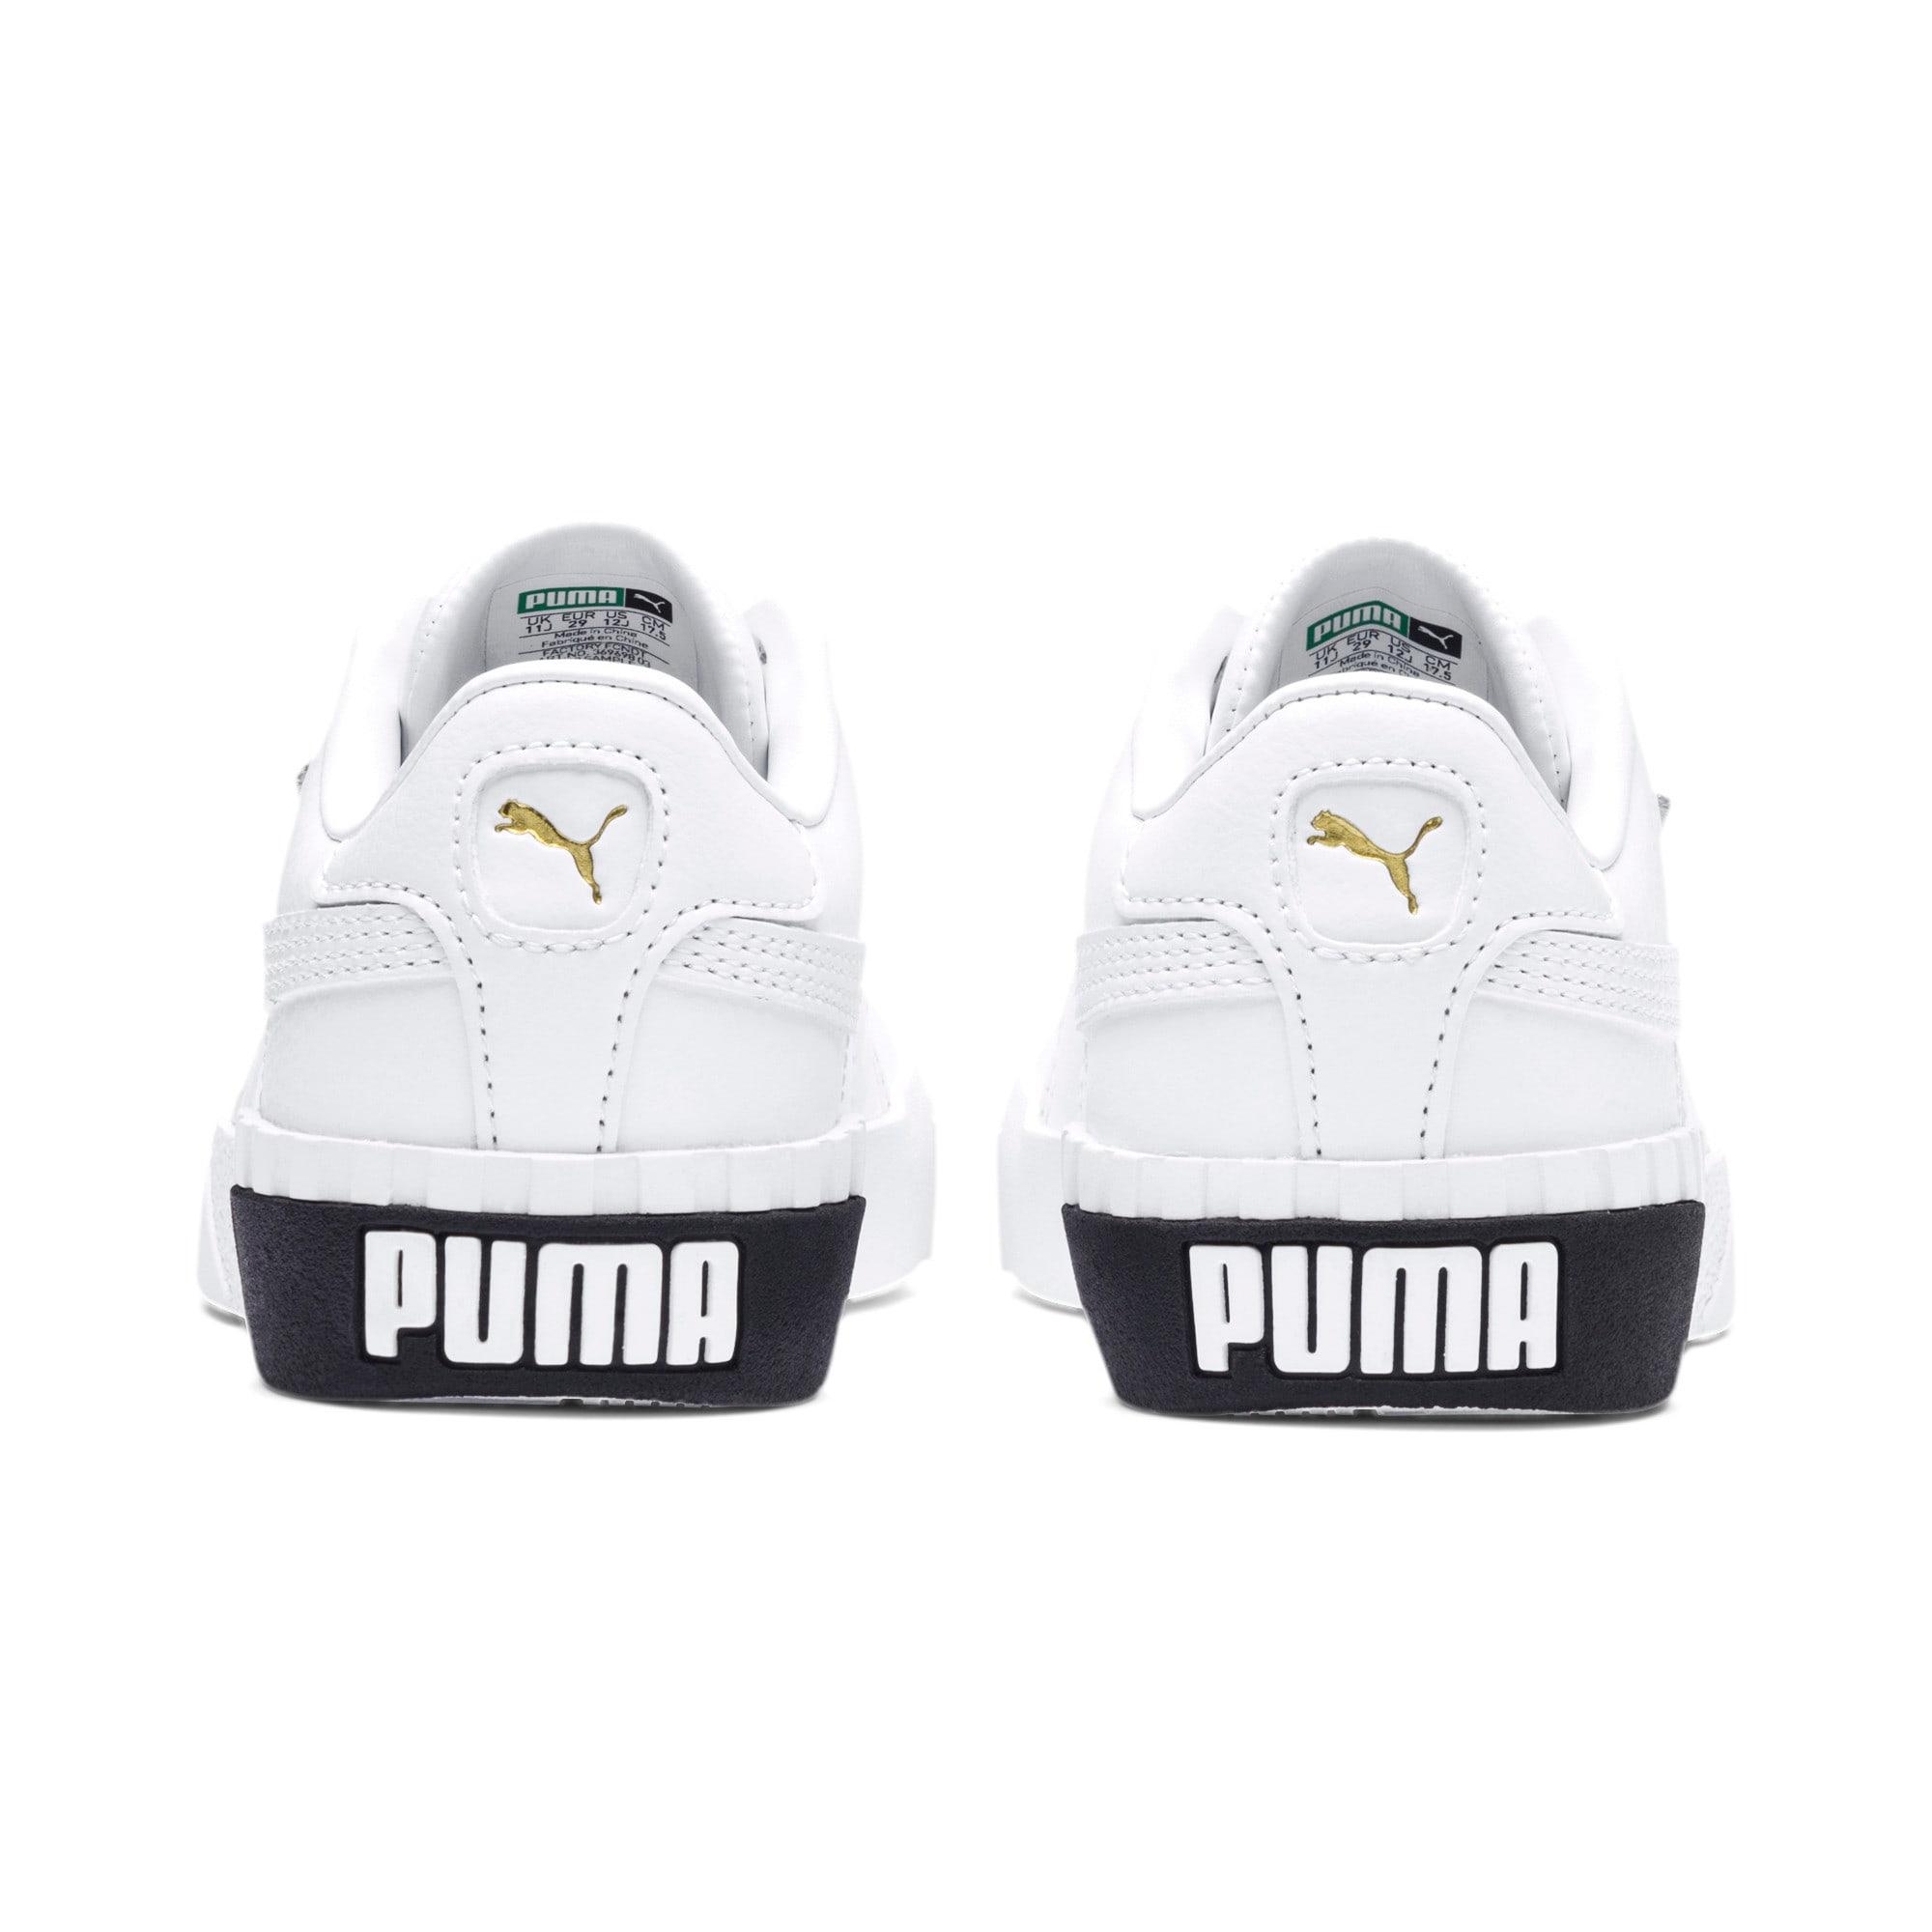 Anteprima 3 di Cali Girls' Trainers, Puma White-Puma Black, medio